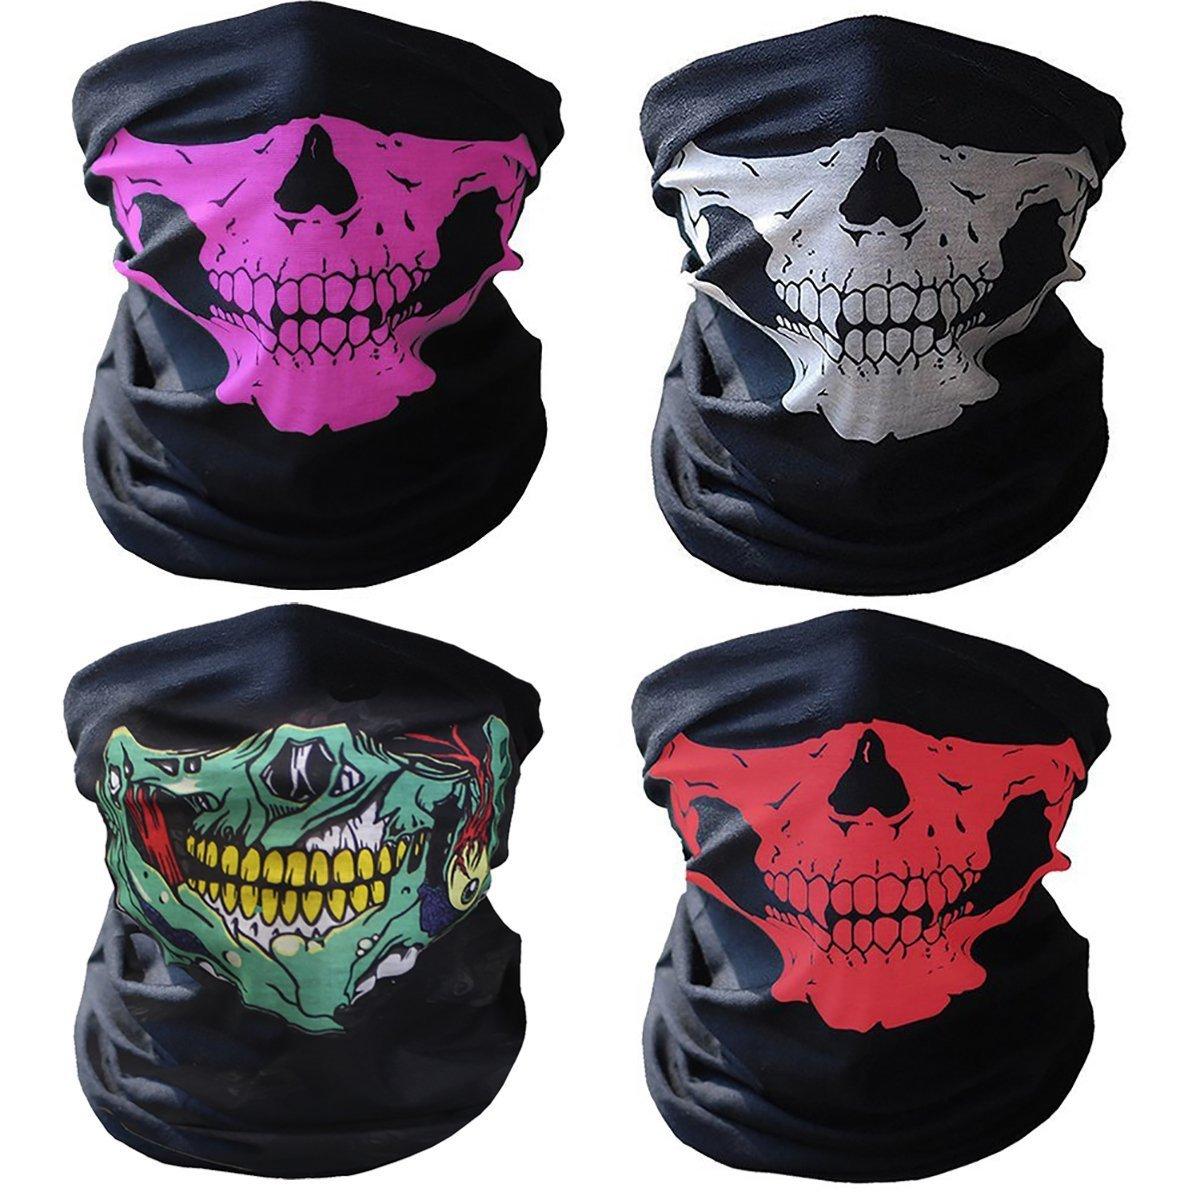 Skeleton Ghost Skull Face Mask Biker Hiking Dusk Proof Anti-Gray Mask new